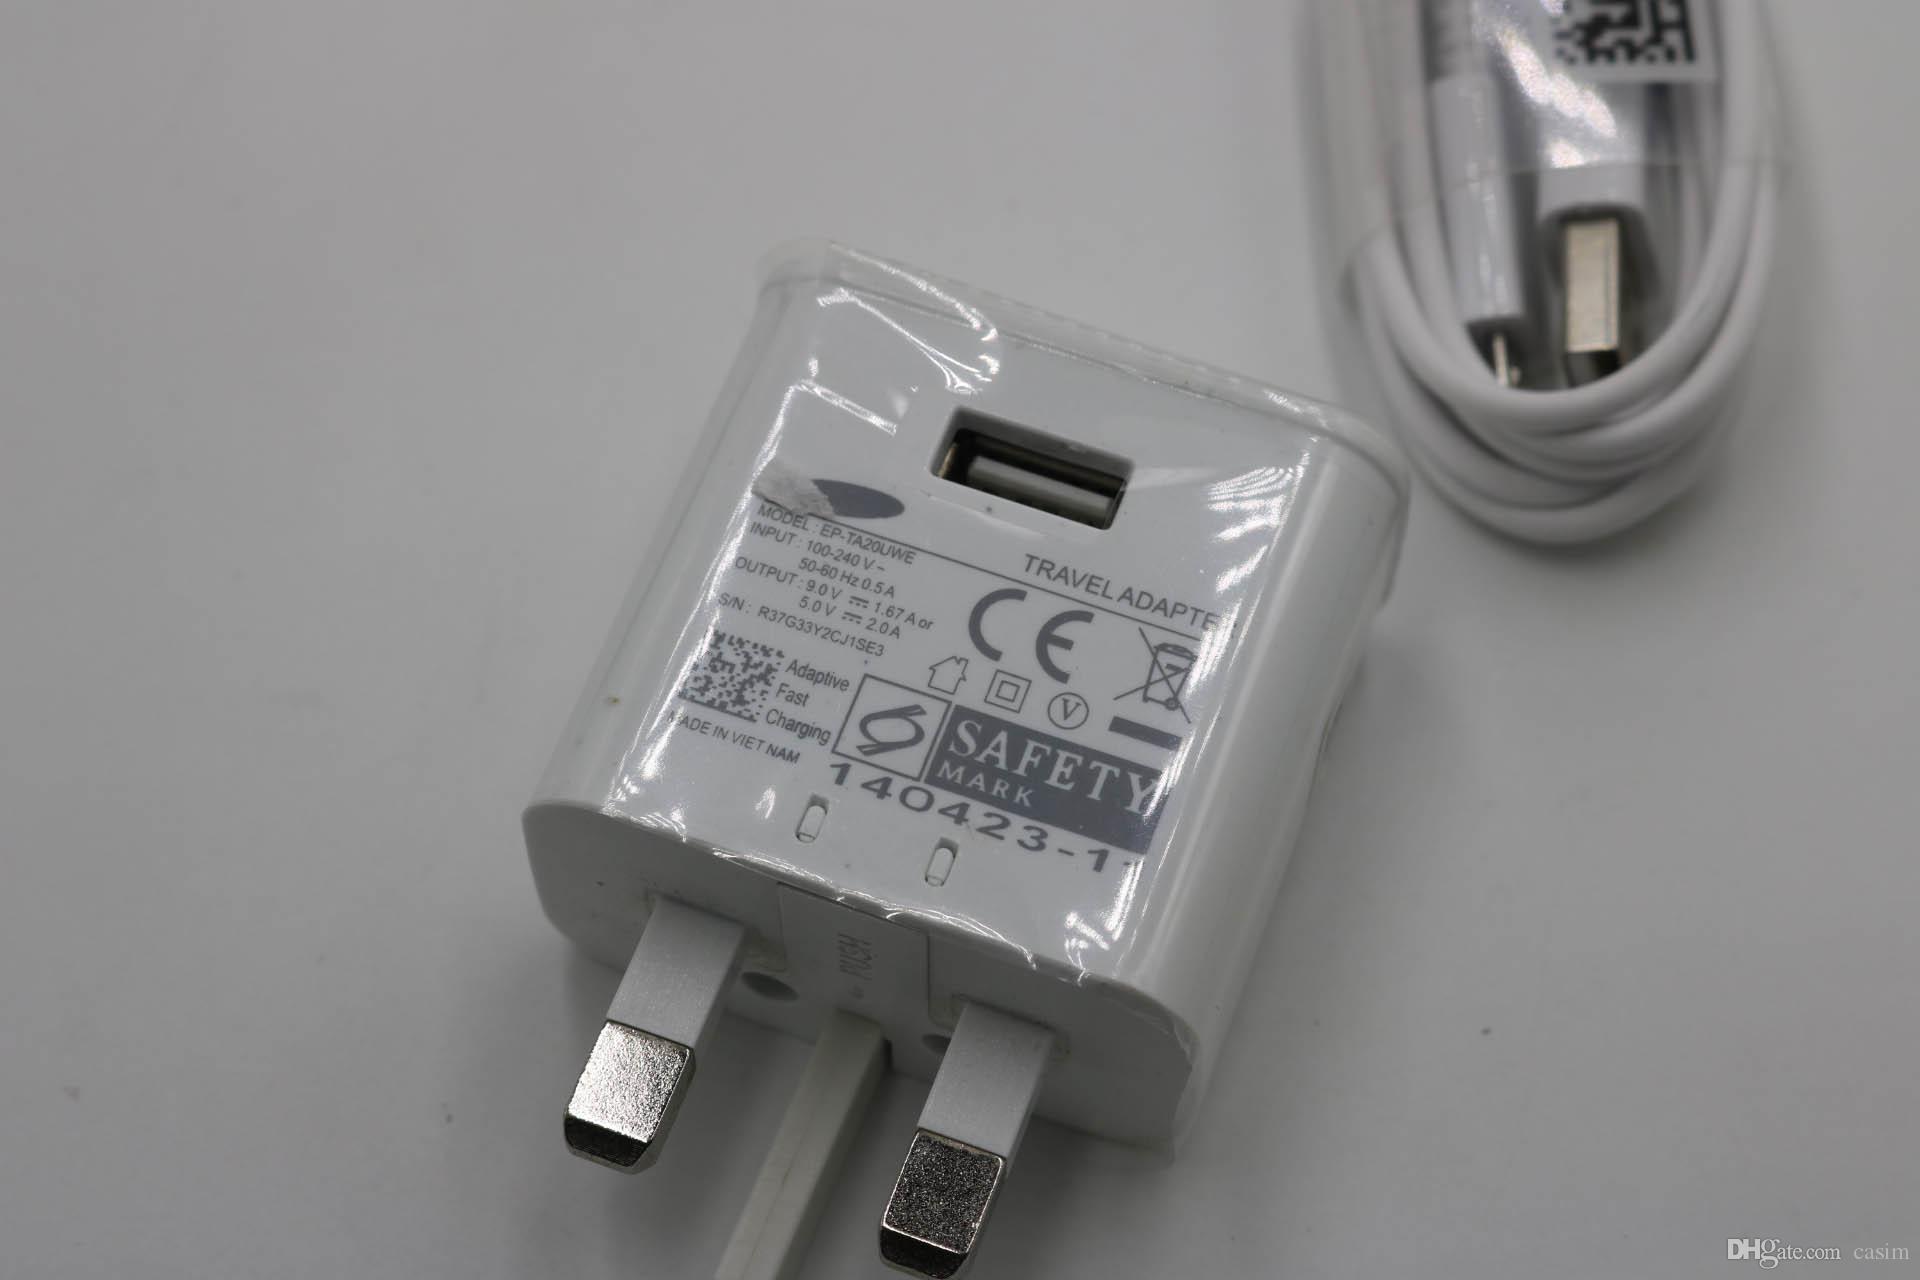 Samsung için orijinal 2in1 hızlı şarj 2A 1.2 M samsung s6 s7 Note5 Için zarif perakende ambalaj ile uygulayın